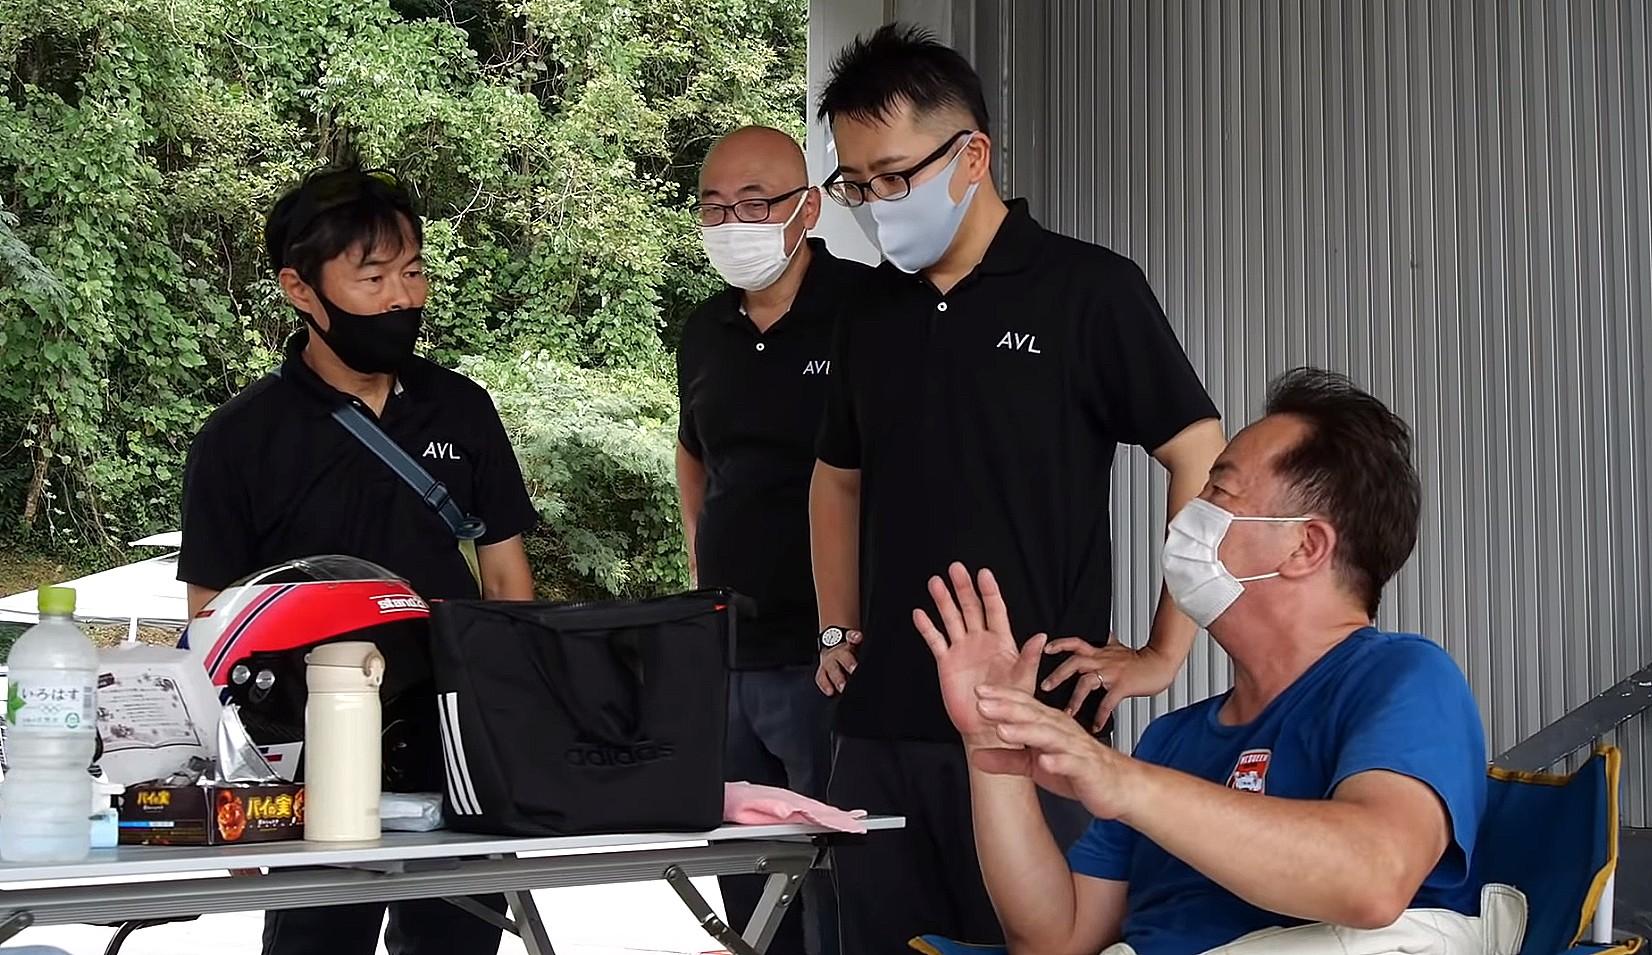 「トヨタ・ヤリスCVT・全日本ラリー参戦用清水和夫号の実走テストが始まった! エンジントルクを可視化できる解析機器とは?【SYE_X】」の7枚目の画像